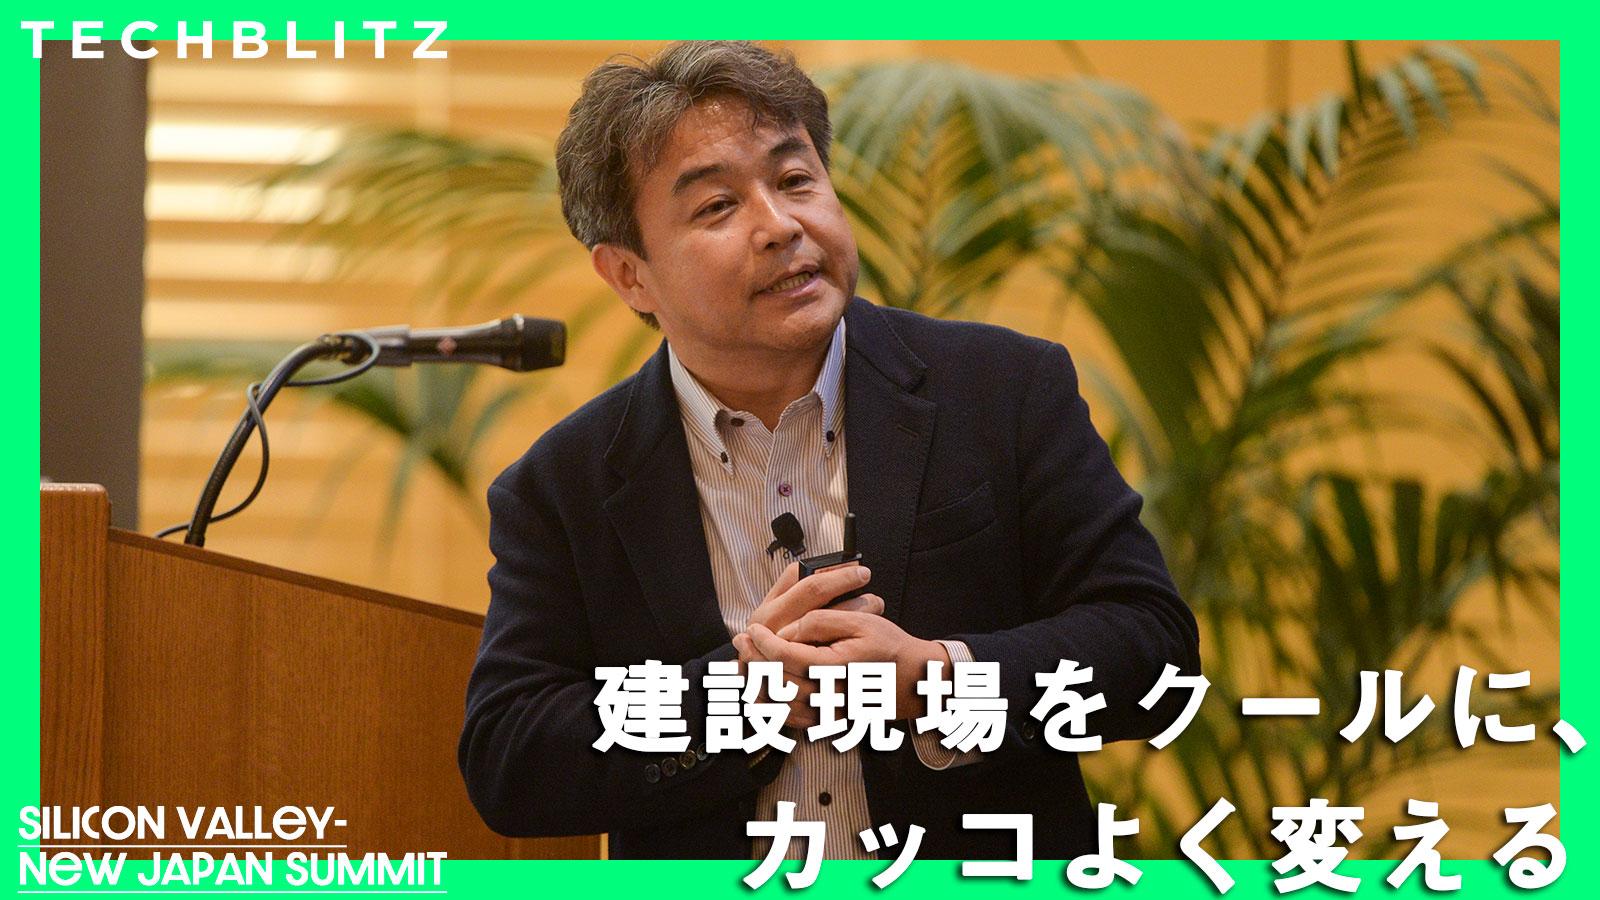 ダントツのコマツ、世界を回るピッチャーと日本のキャッチャーの連携に迫る